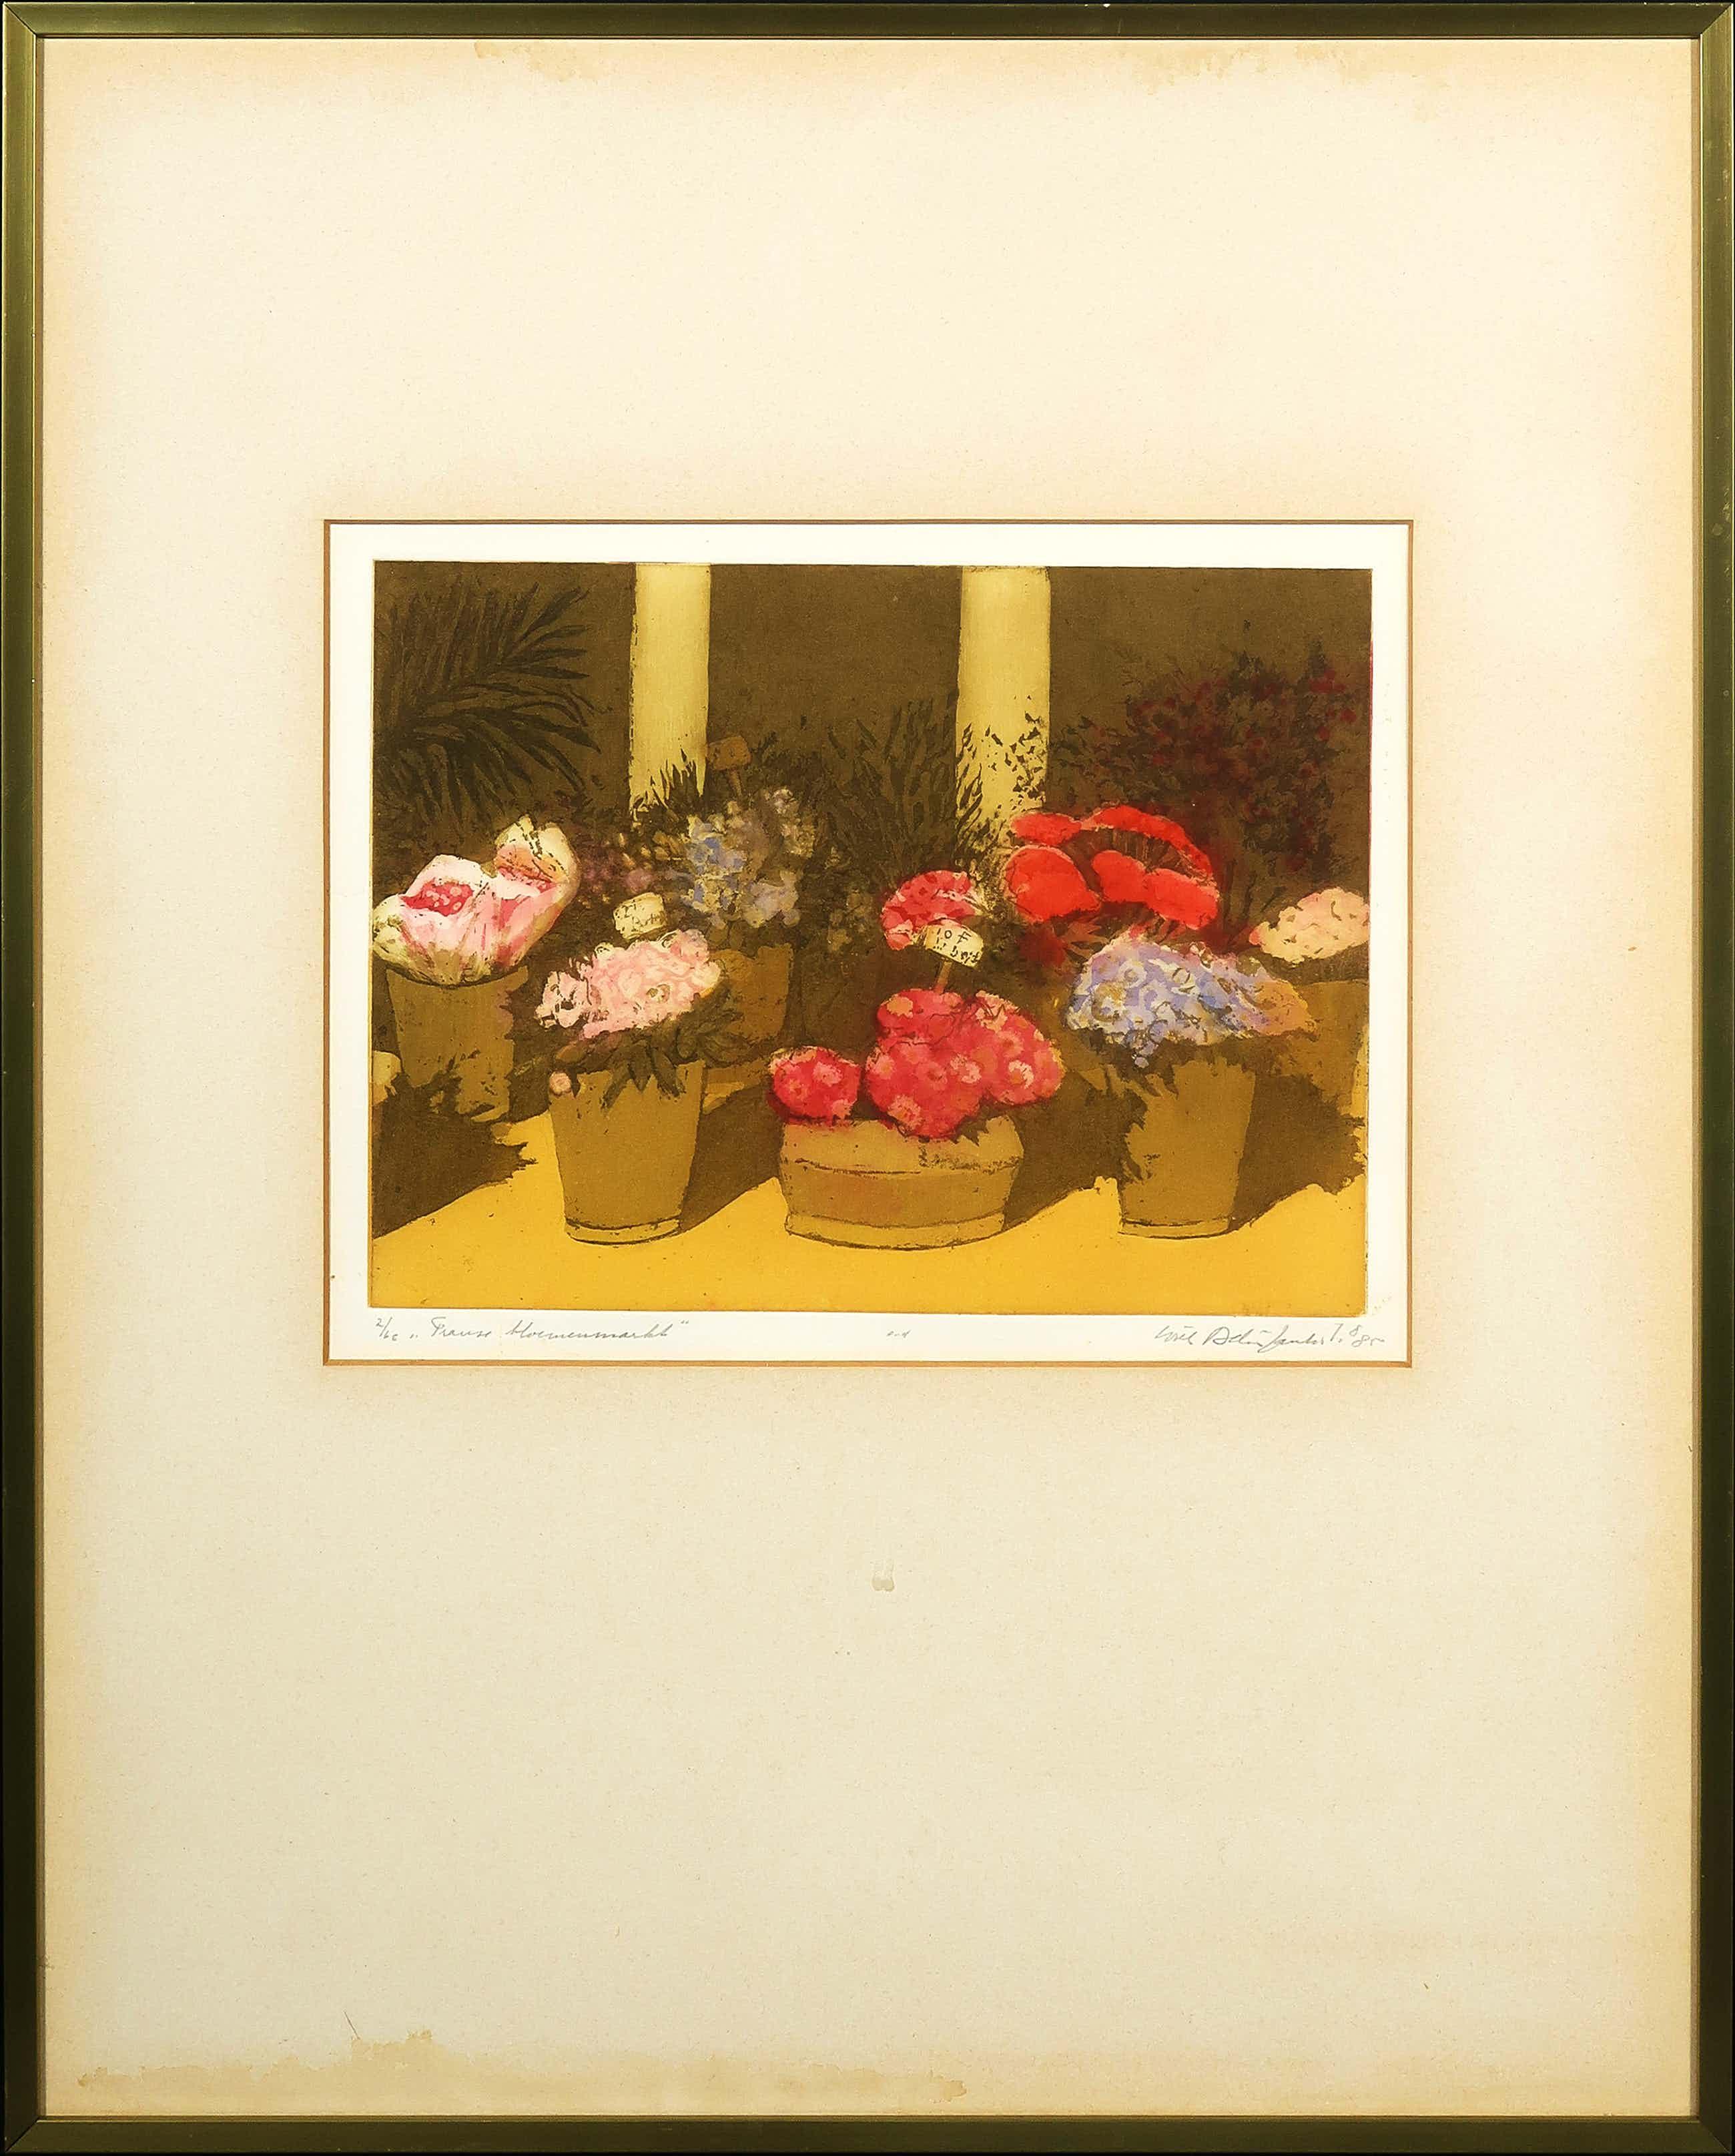 Willy Belinfante - Aquatint, Franse bloemenmarkt - Ingelijst kopen? Bied vanaf 35!